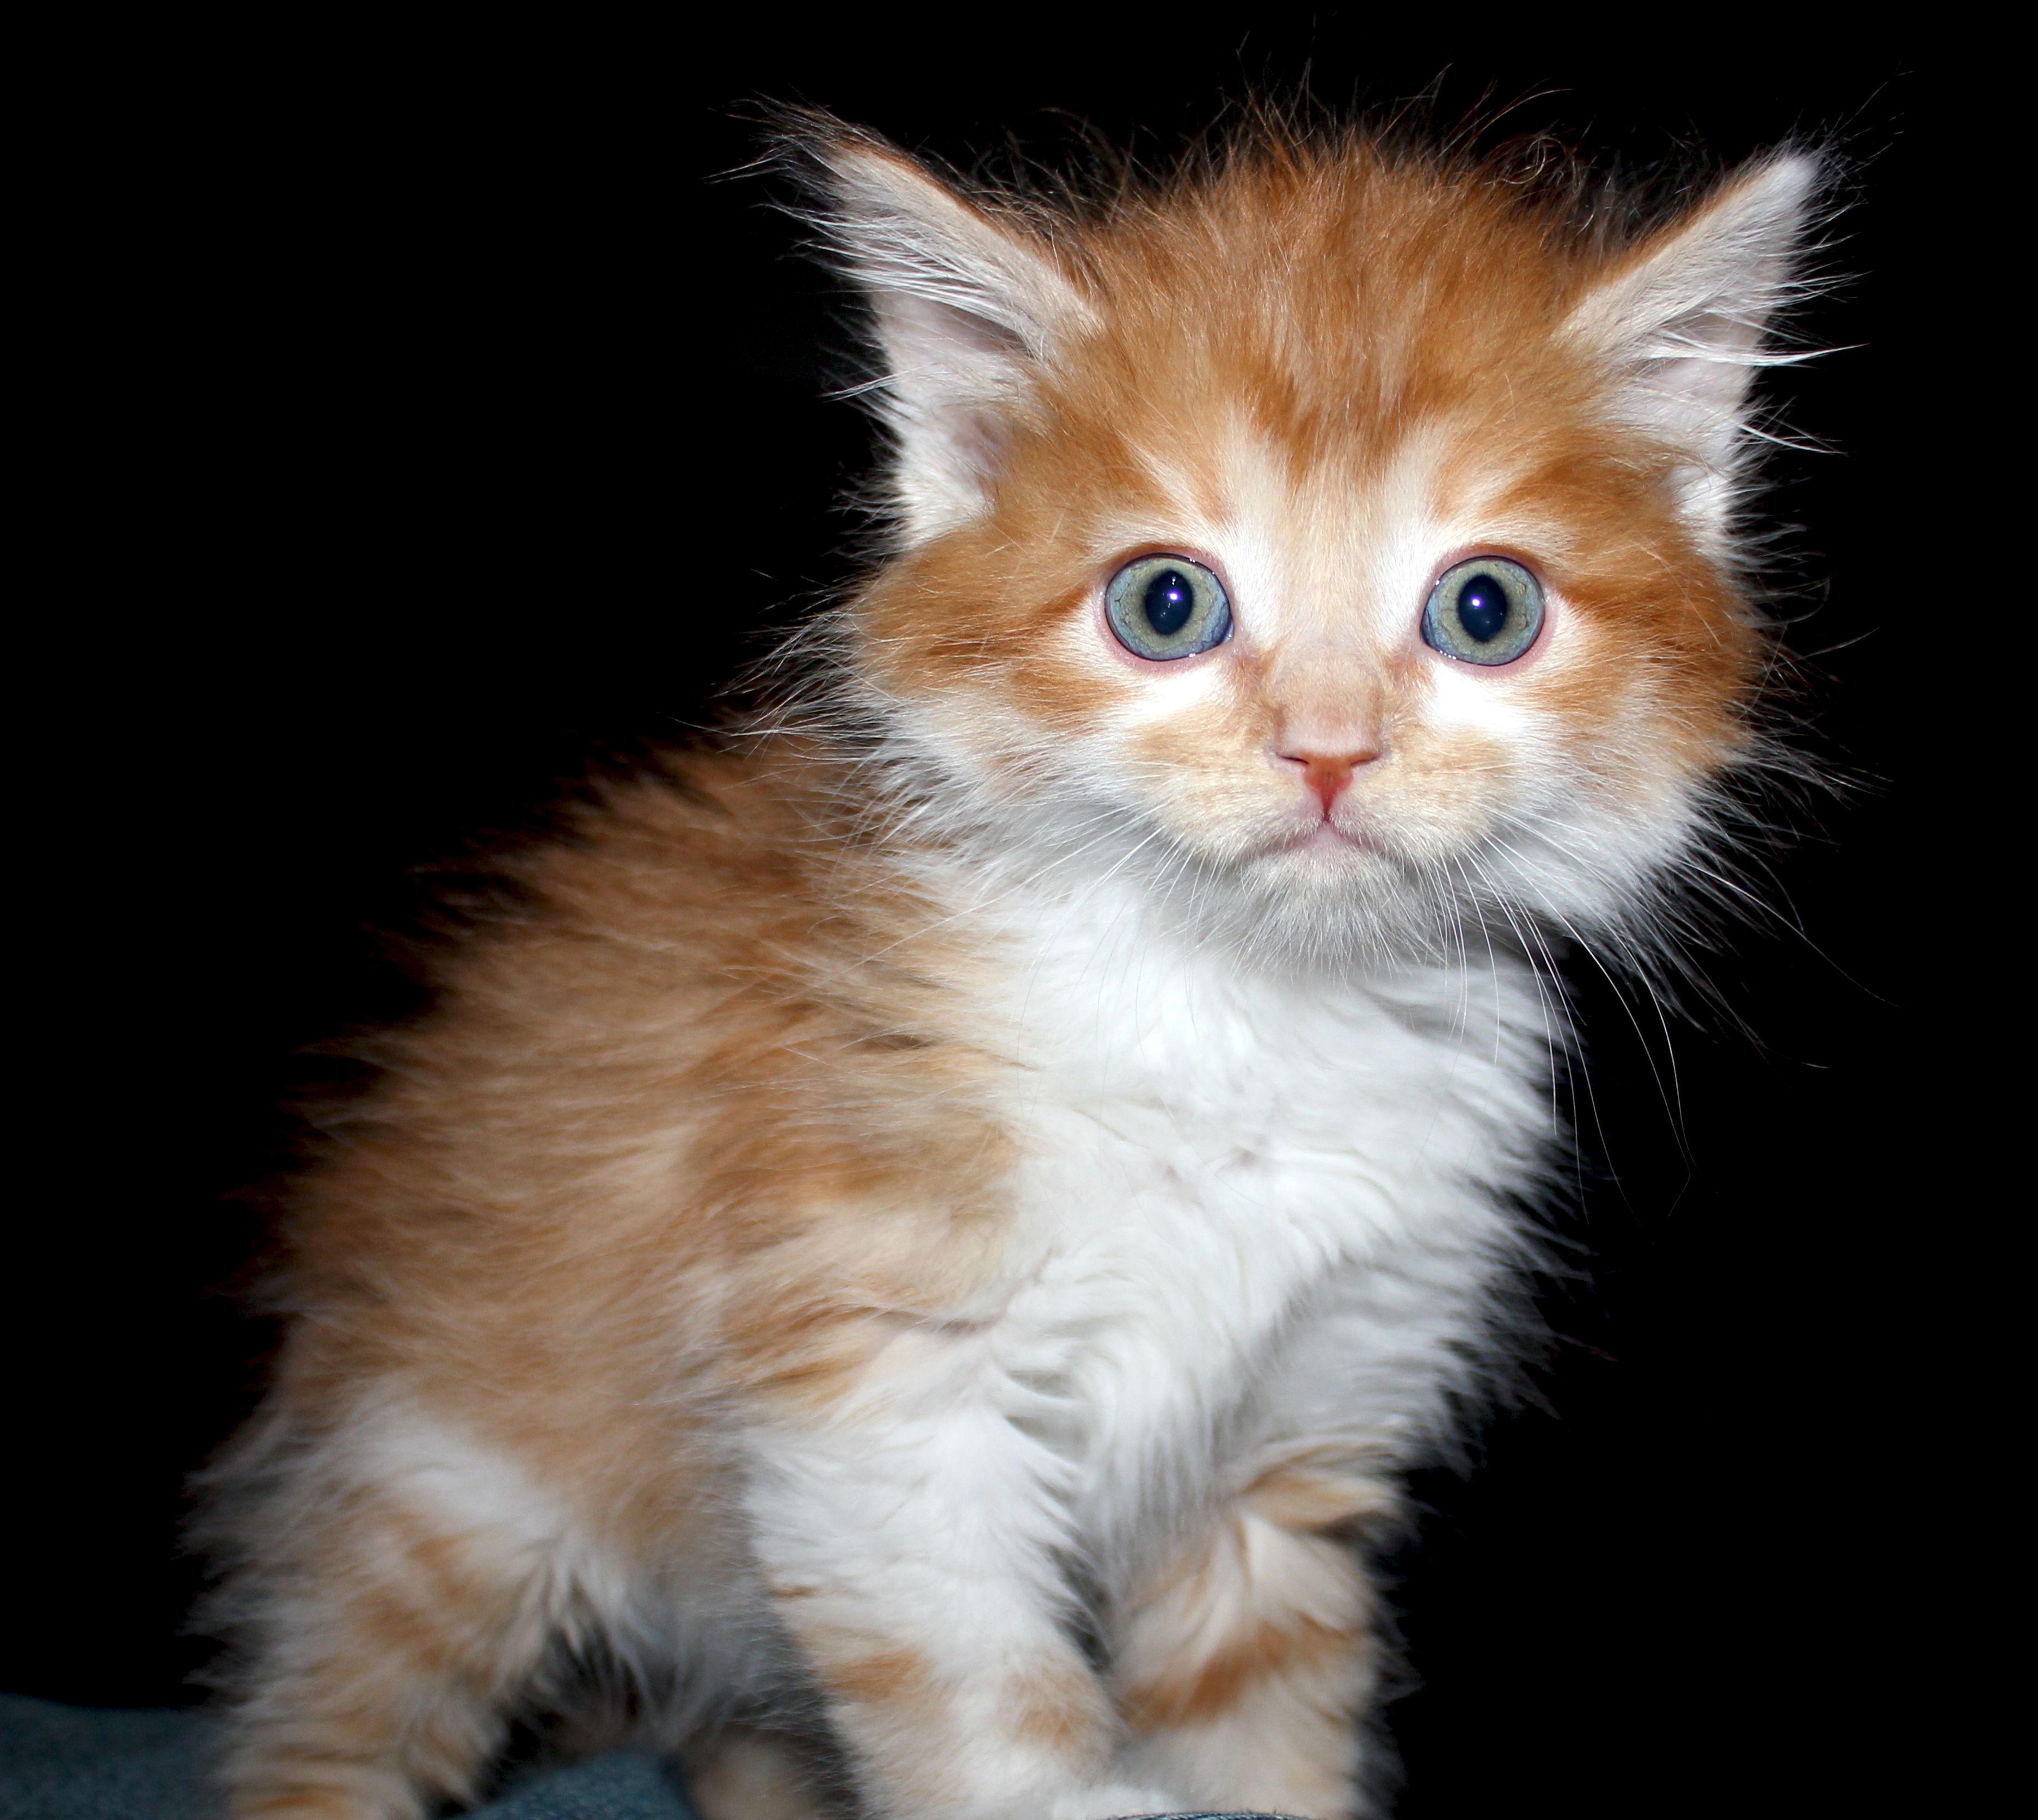 Grumpy orange kitten orange kittens kittens grumpy cat